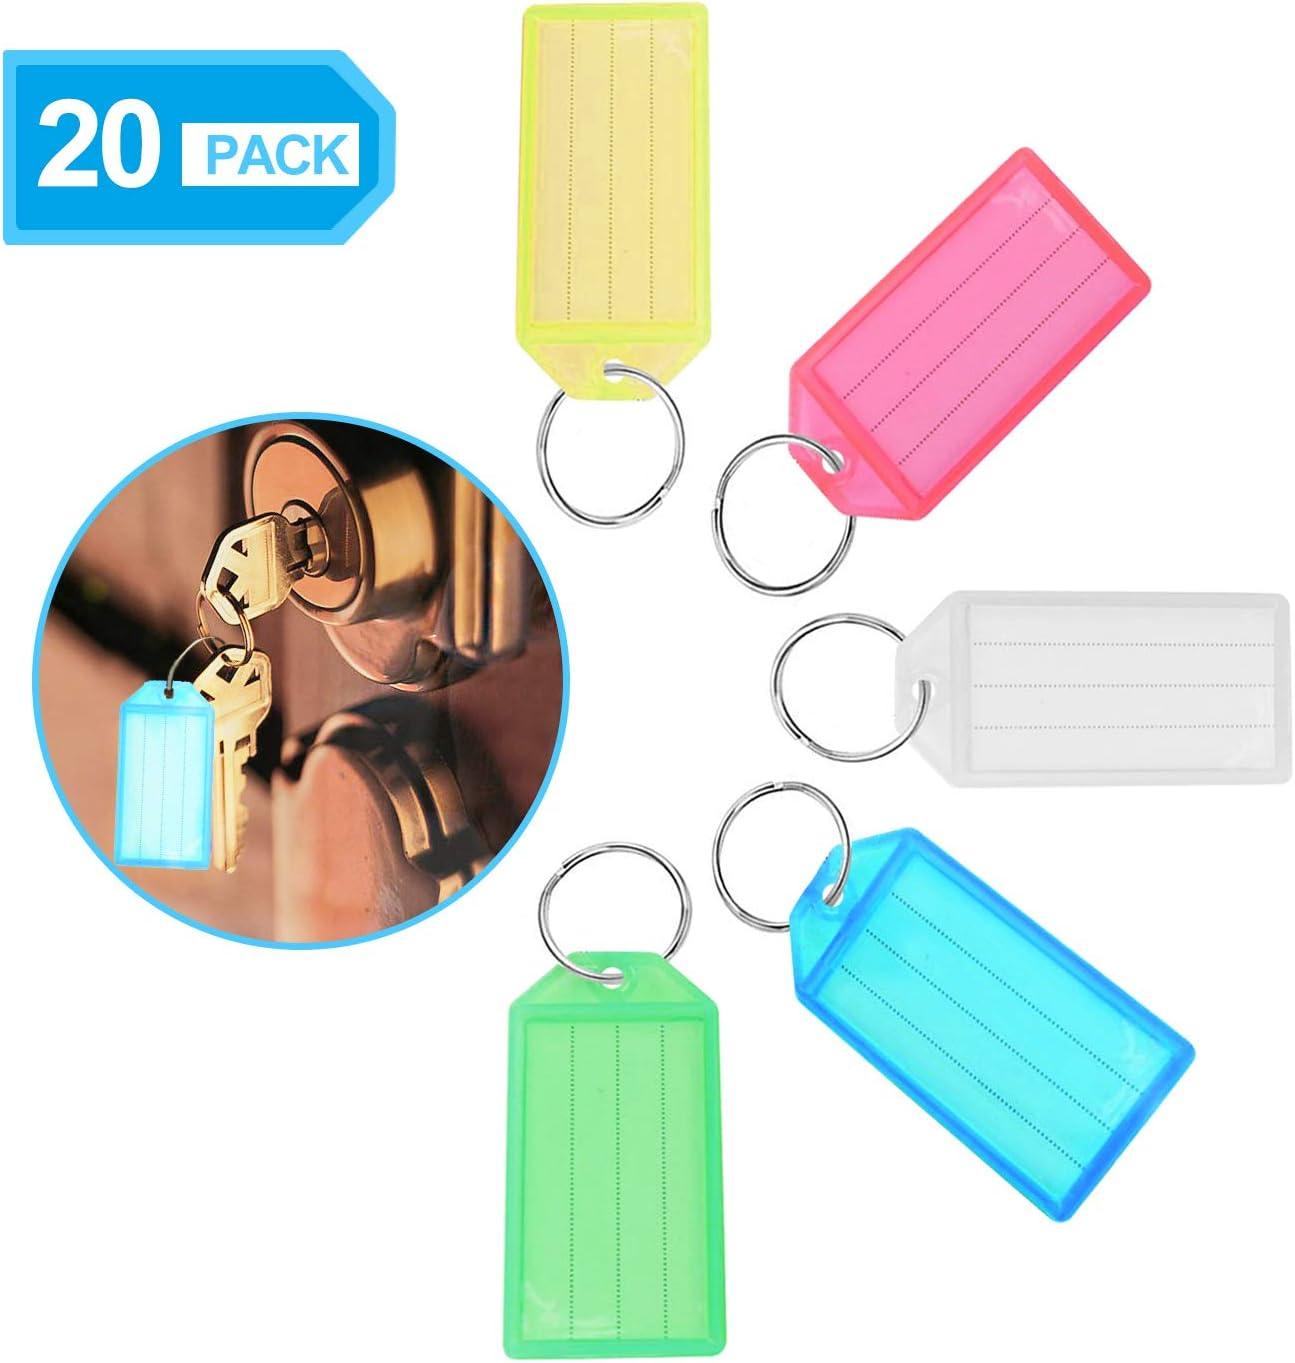 20 llaveros de plástico de color XCOZU con etiquetas, se utiliza para el nombre de la llave, equipaje, mascota y bolsa, tarjeta de papel para escribir llaveros con llaveros con anillas divididas